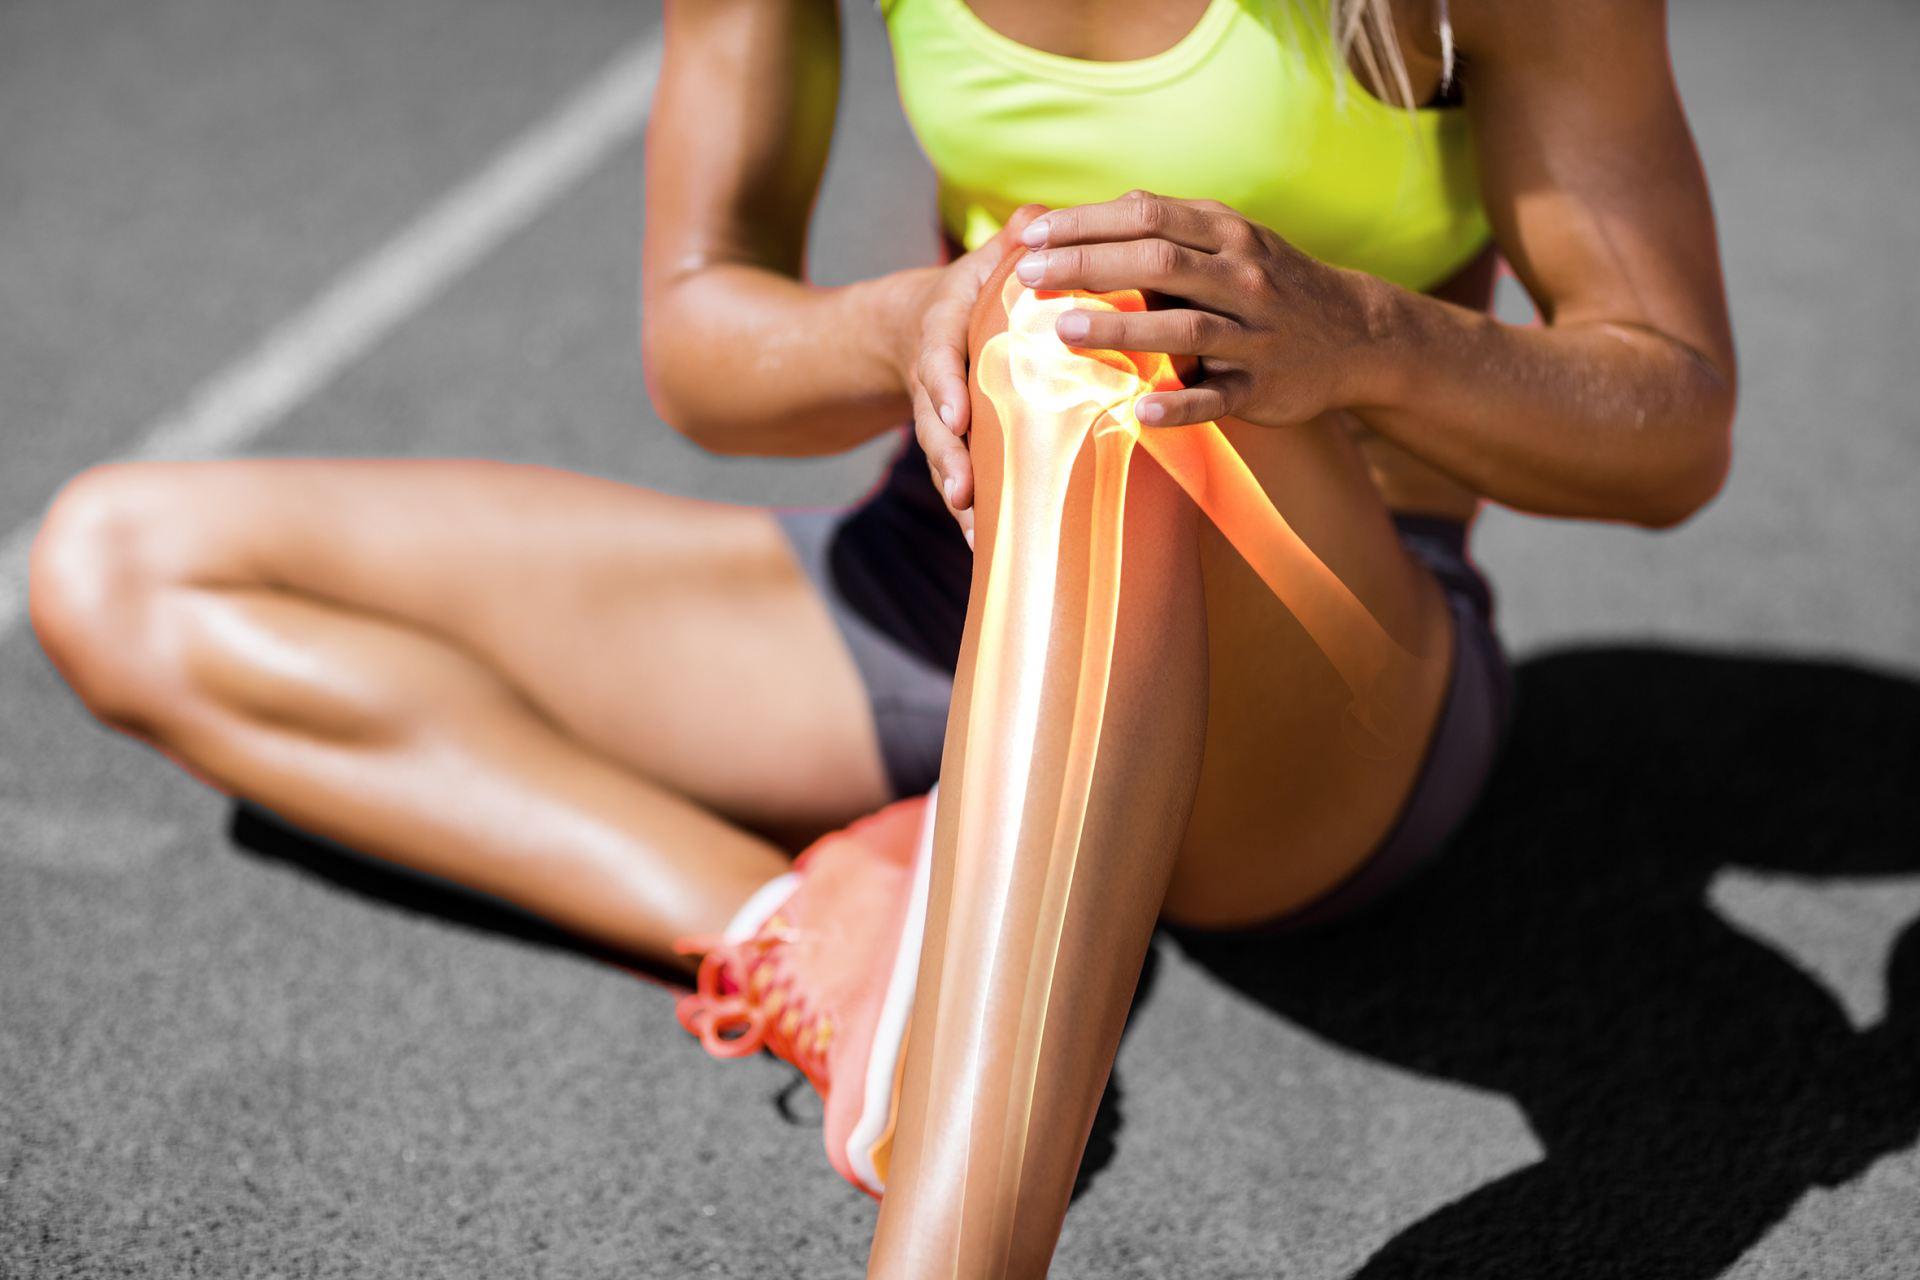 Knee Injuries in Runners